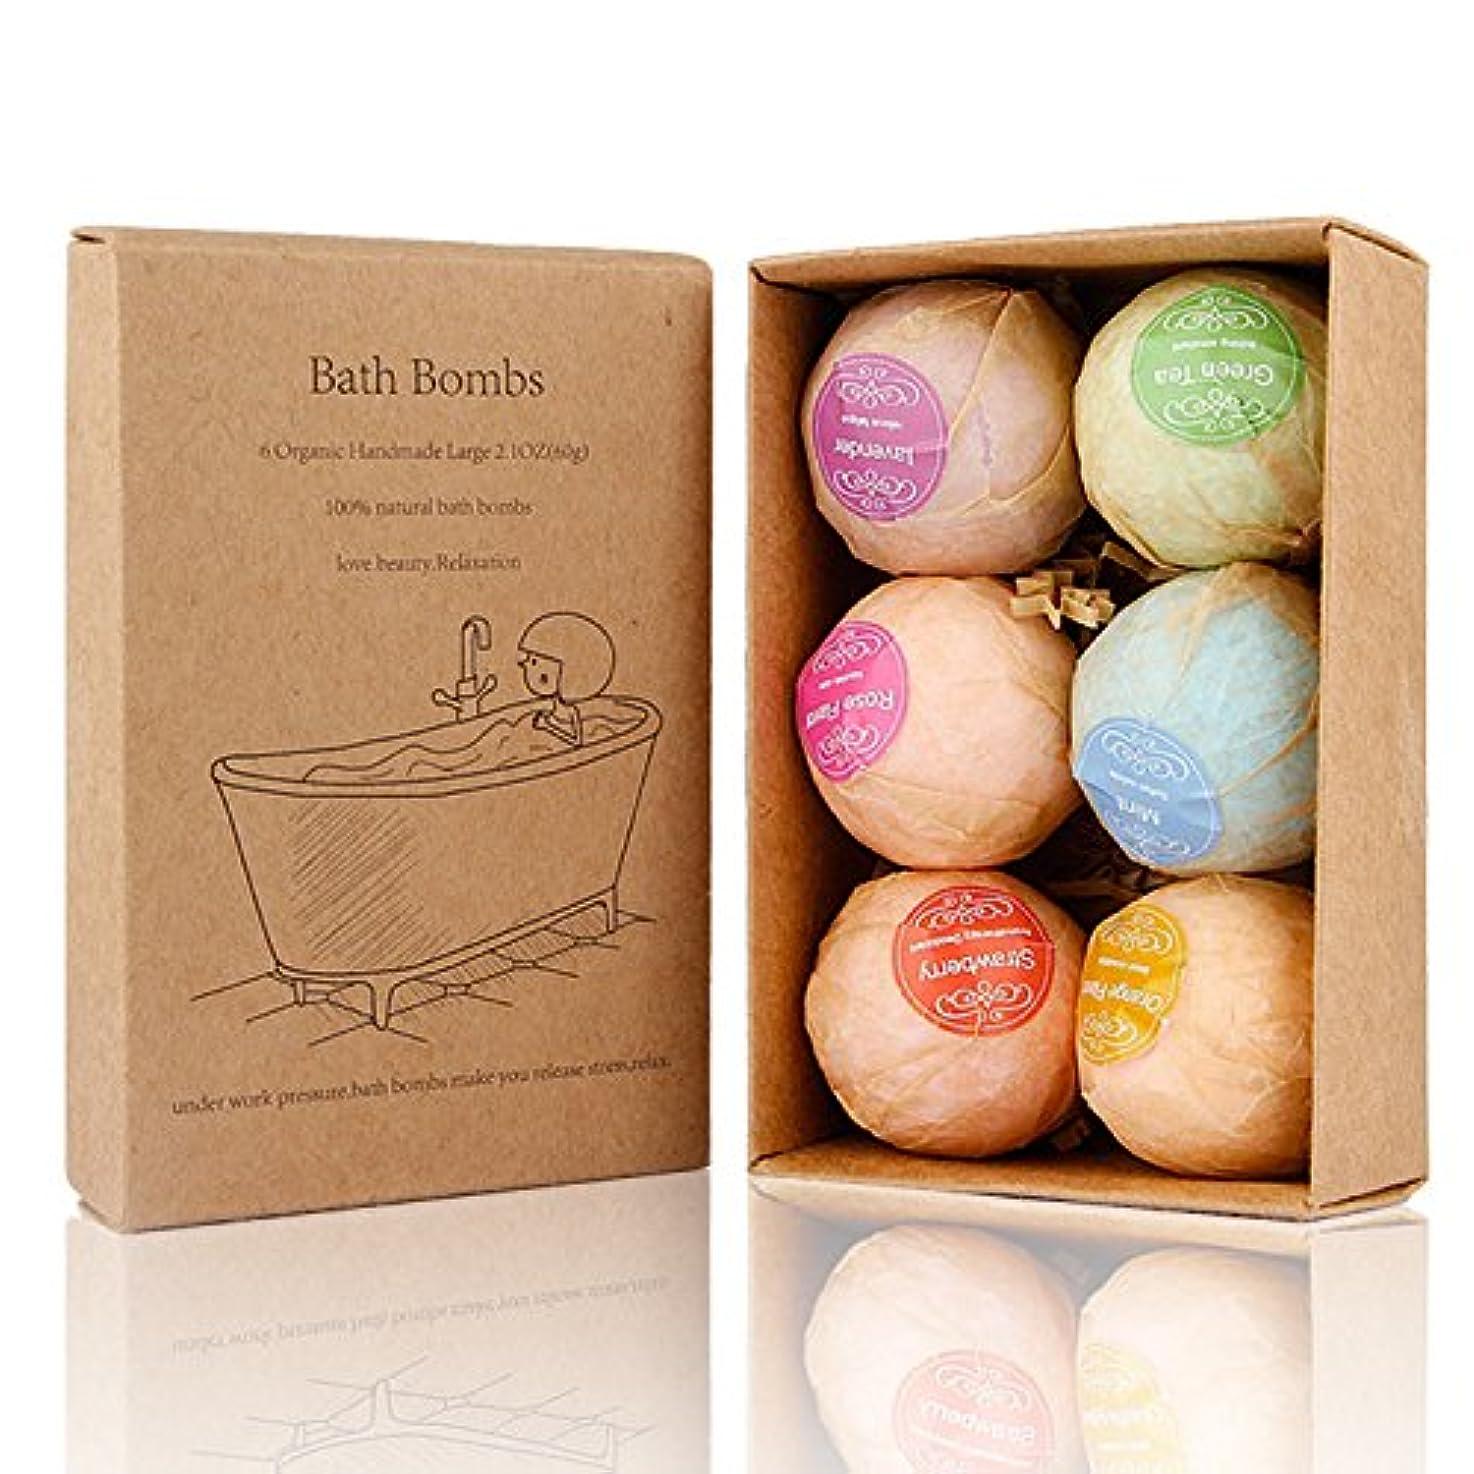 誇り蒸し器哲学的Bath Bomb, 温泡 入浴剤 ギフトセット6個入り, Perfect for Bubble & Spa Bath Ultra Lush Bath Fizzies